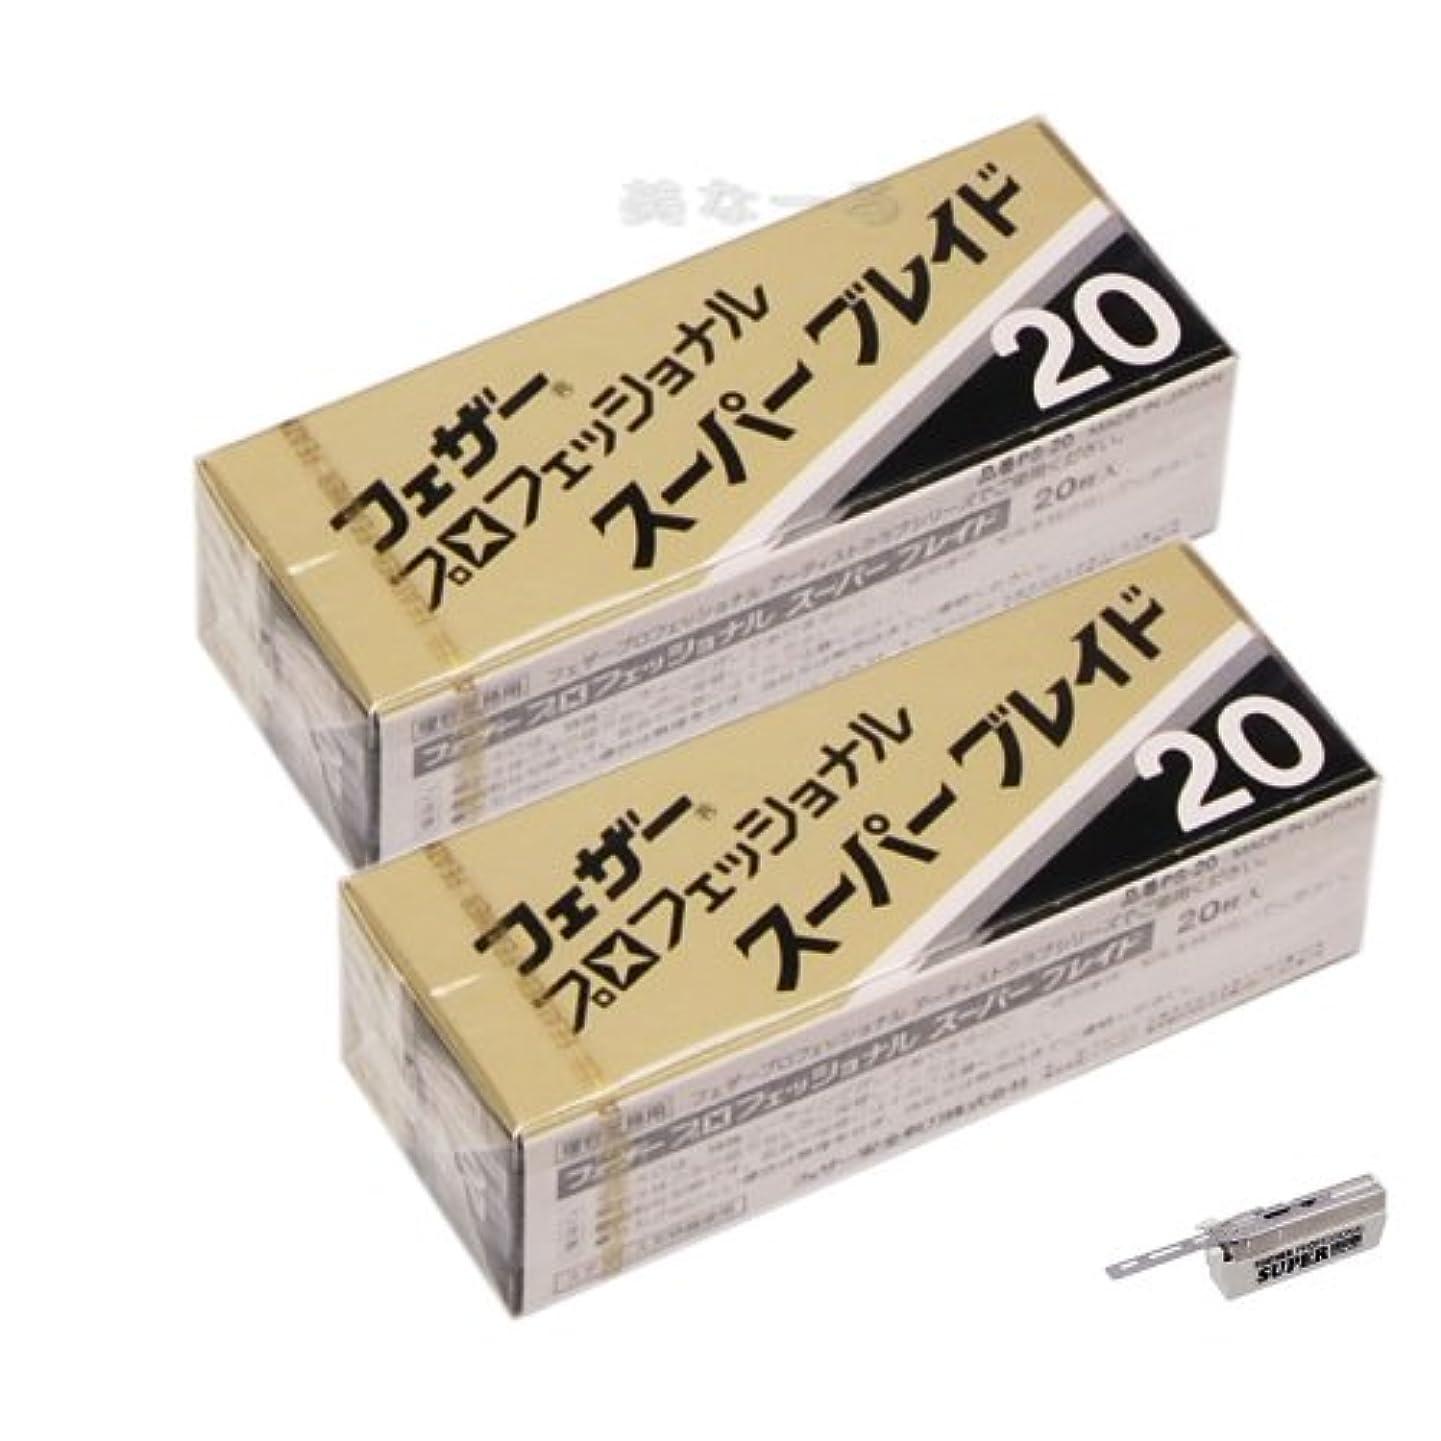 週末インストラクター息苦しい【2個セット】フェザー プロフェッショナル スーパーブレード 20枚入 PS-20